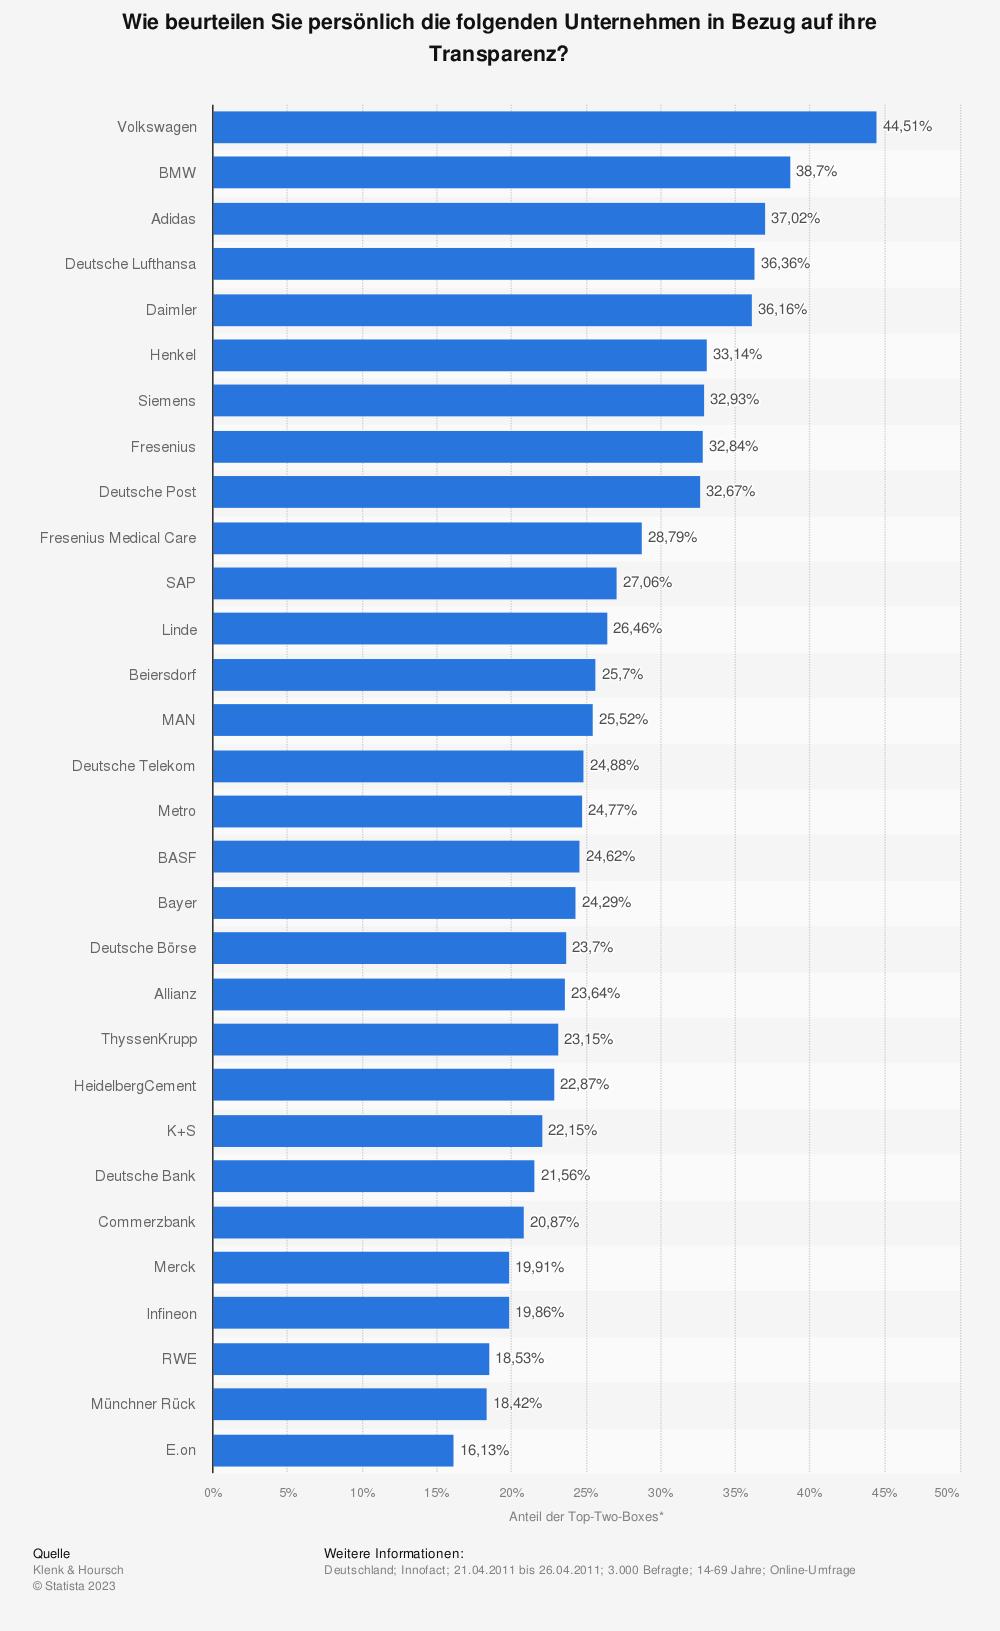 Statistik: Wie beurteilen Sie persönlich die folgenden Unternehmen in Bezug auf ihre Transparenz? | Statista